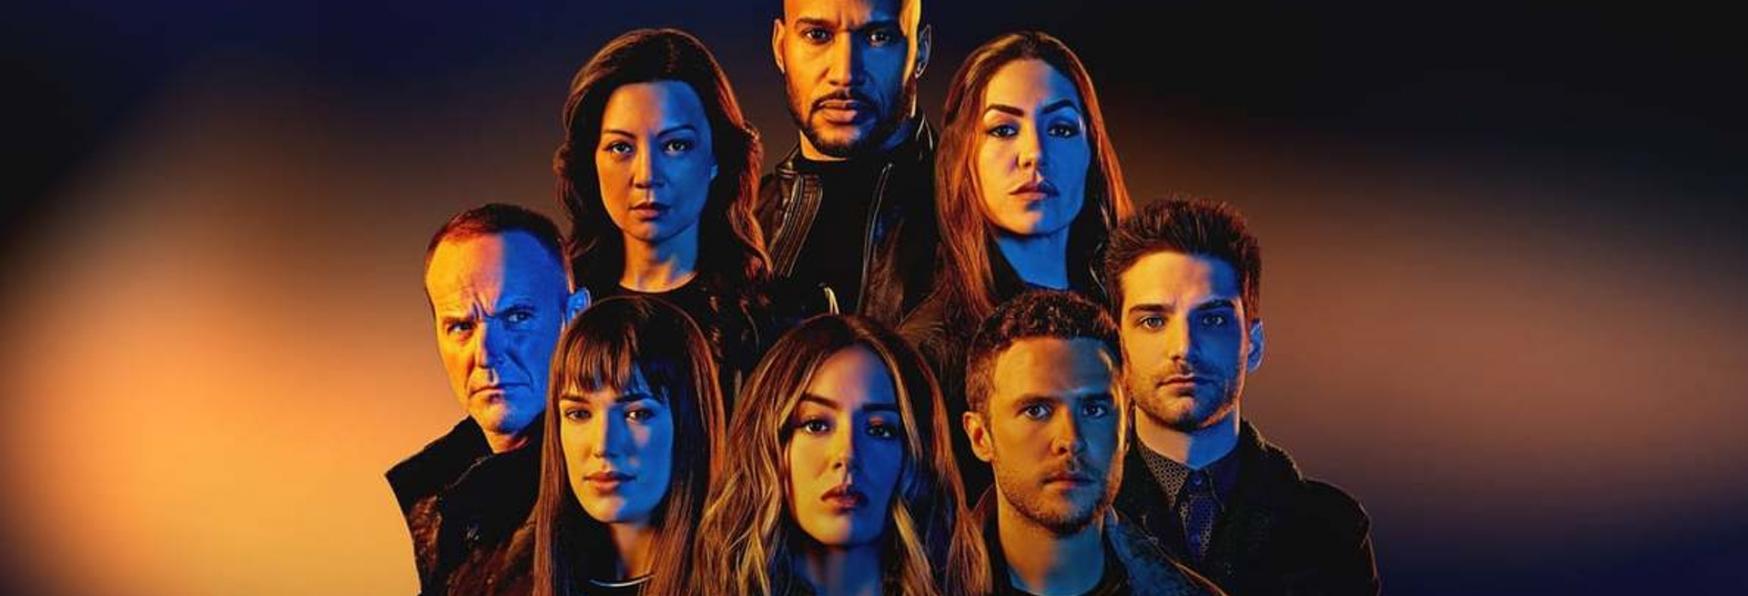 Agents of S.H.I.E.L.D. 7: rilasciato il Trailer della Stagione Finale della Serie Marvel